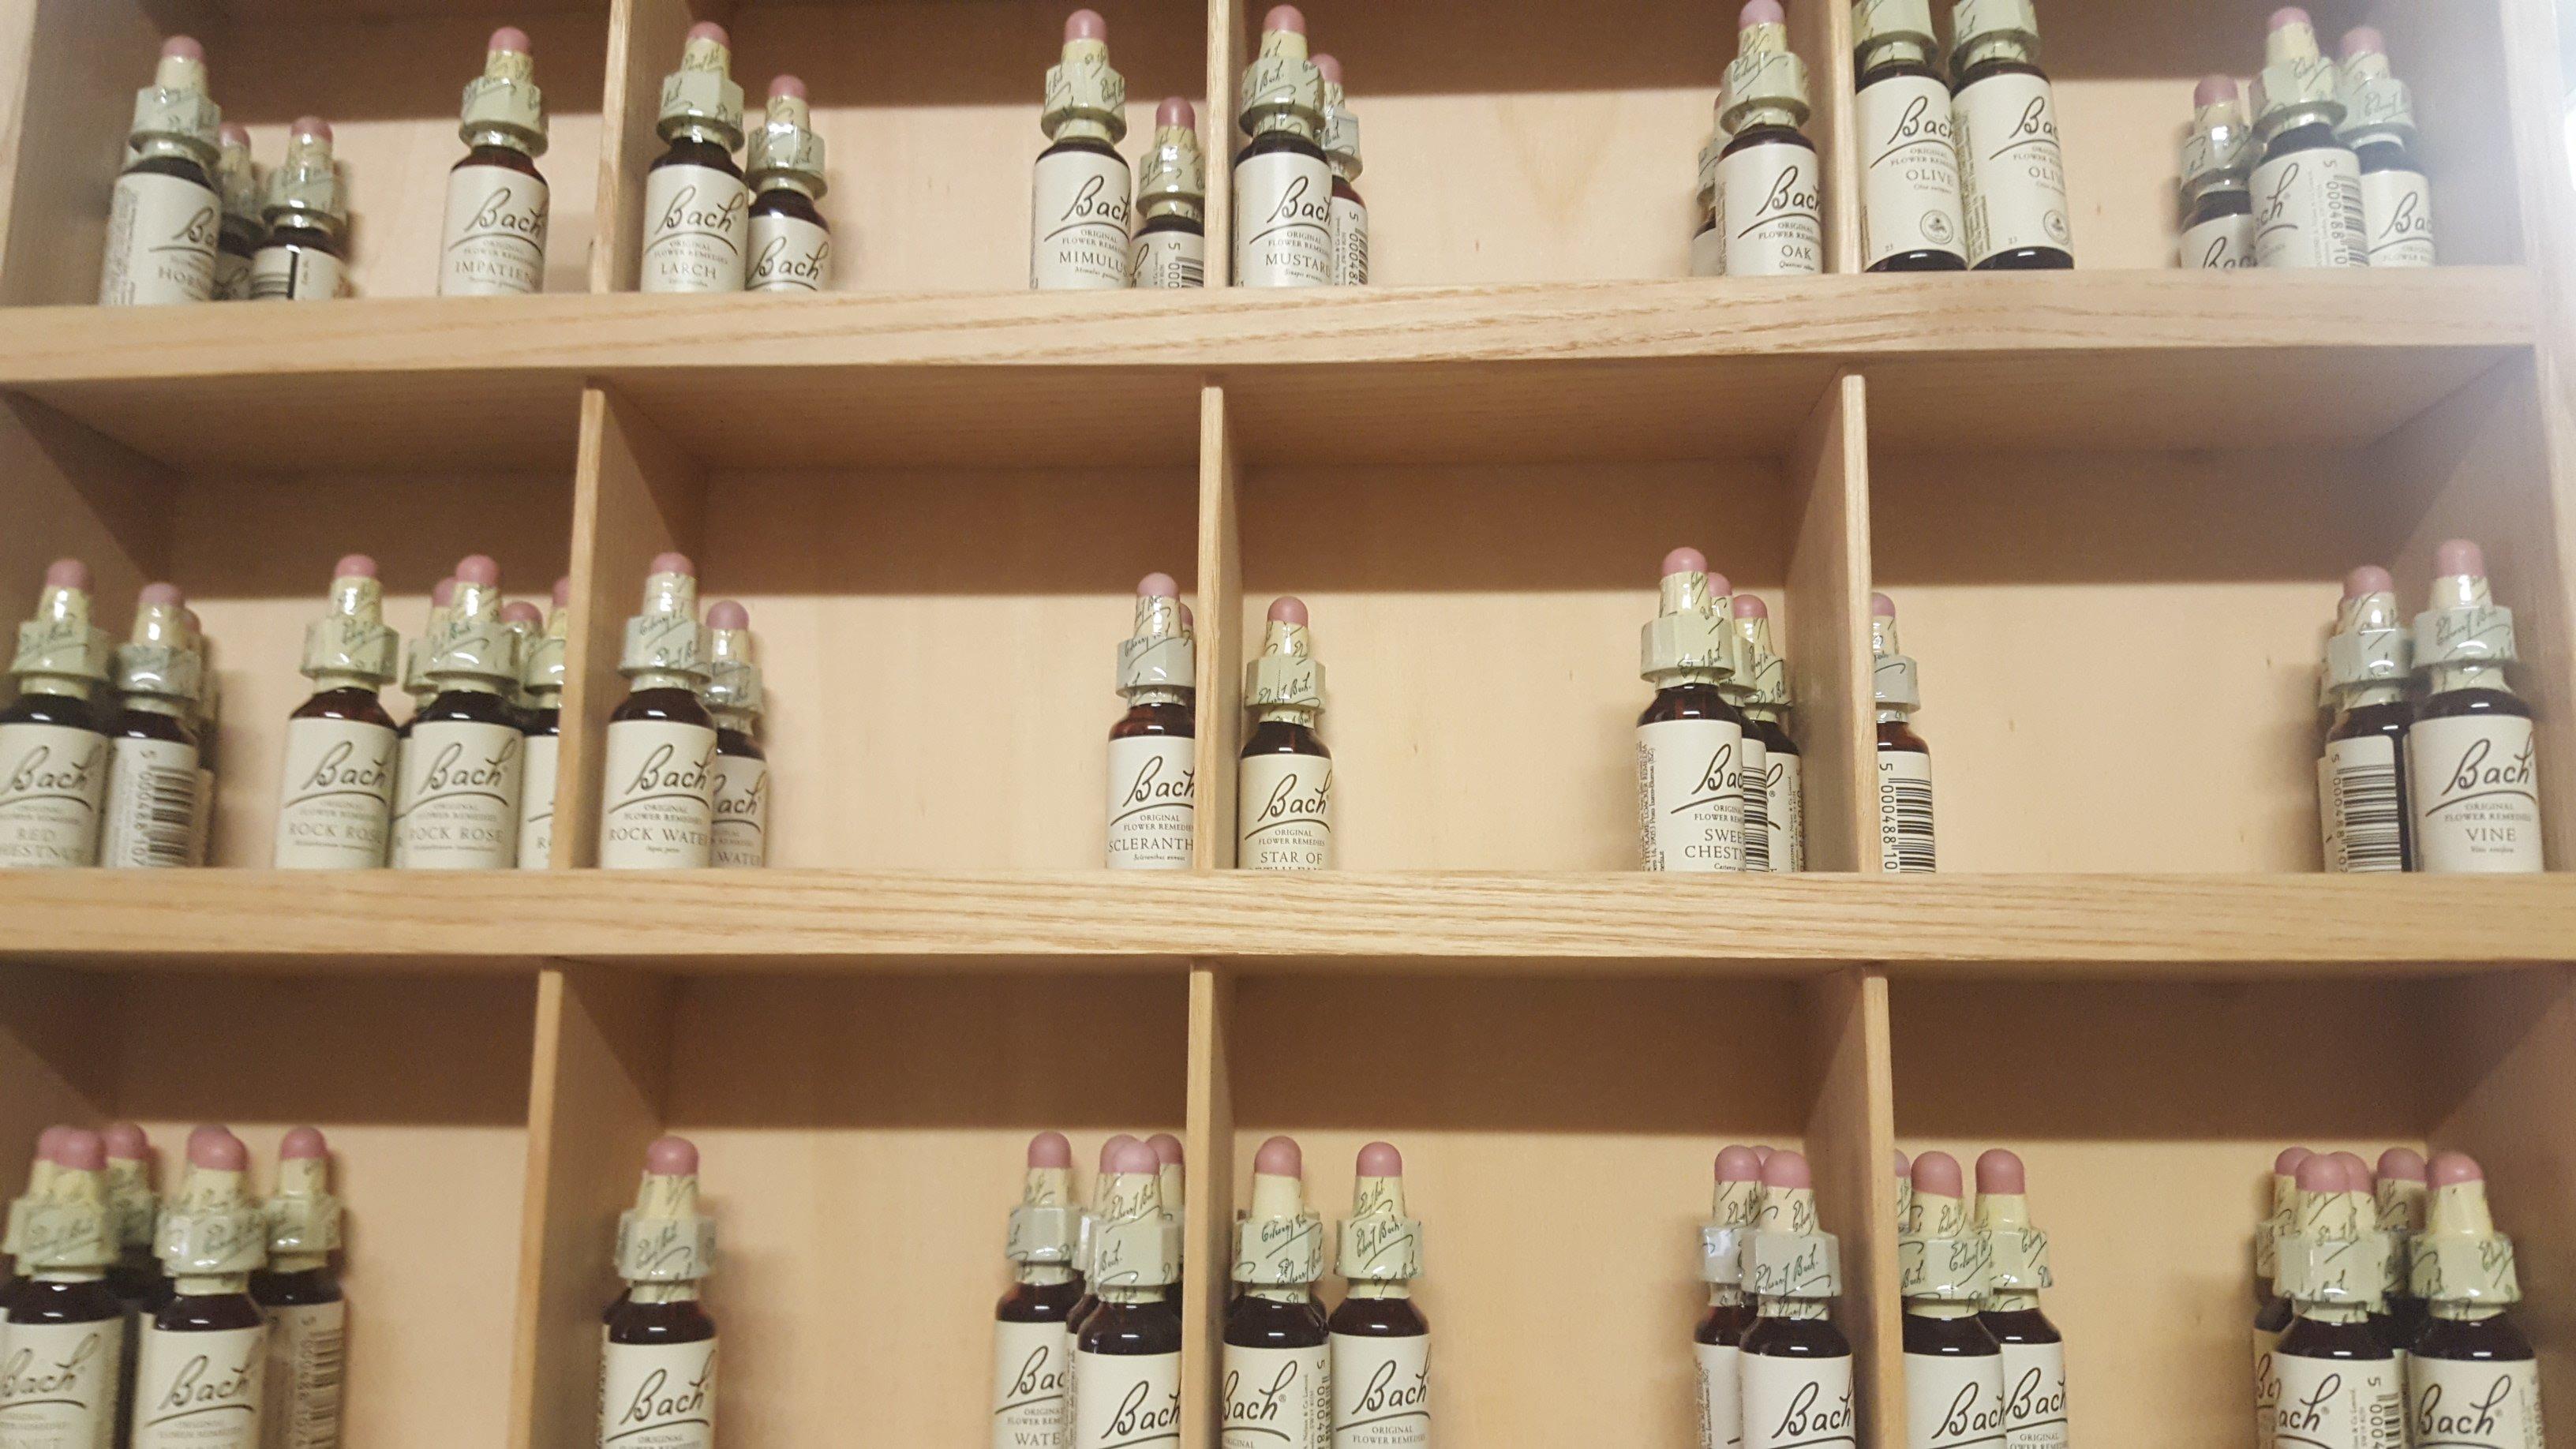 delle bottigliette di olio della marca Bach